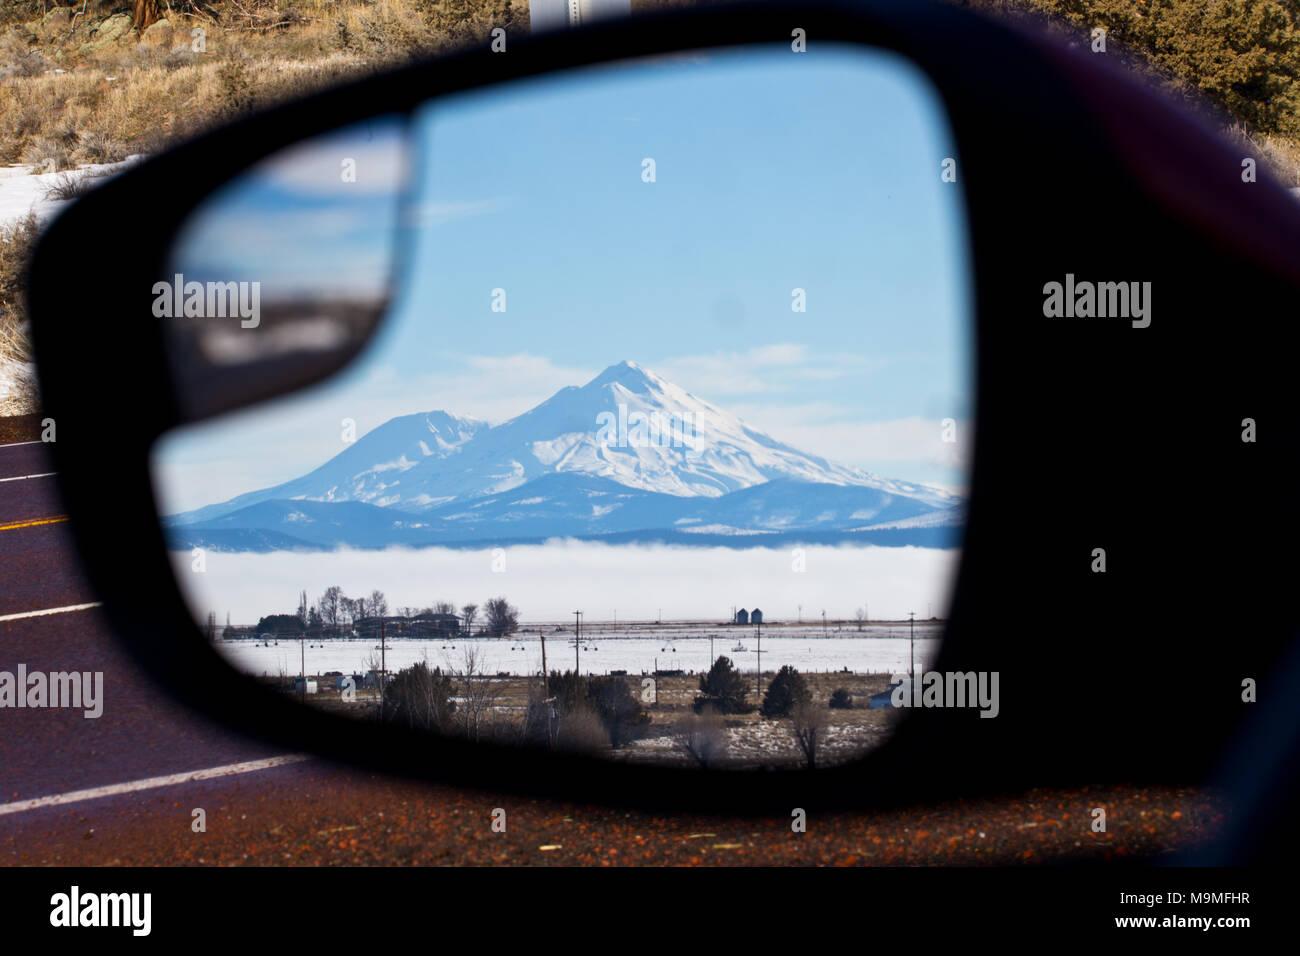 Die schneebedeckten Gipfel des Mount Shasta steht in einem Auto Tür Seitenansicht Spiegel im nördlichen Kalifornien im Winter Stockbild